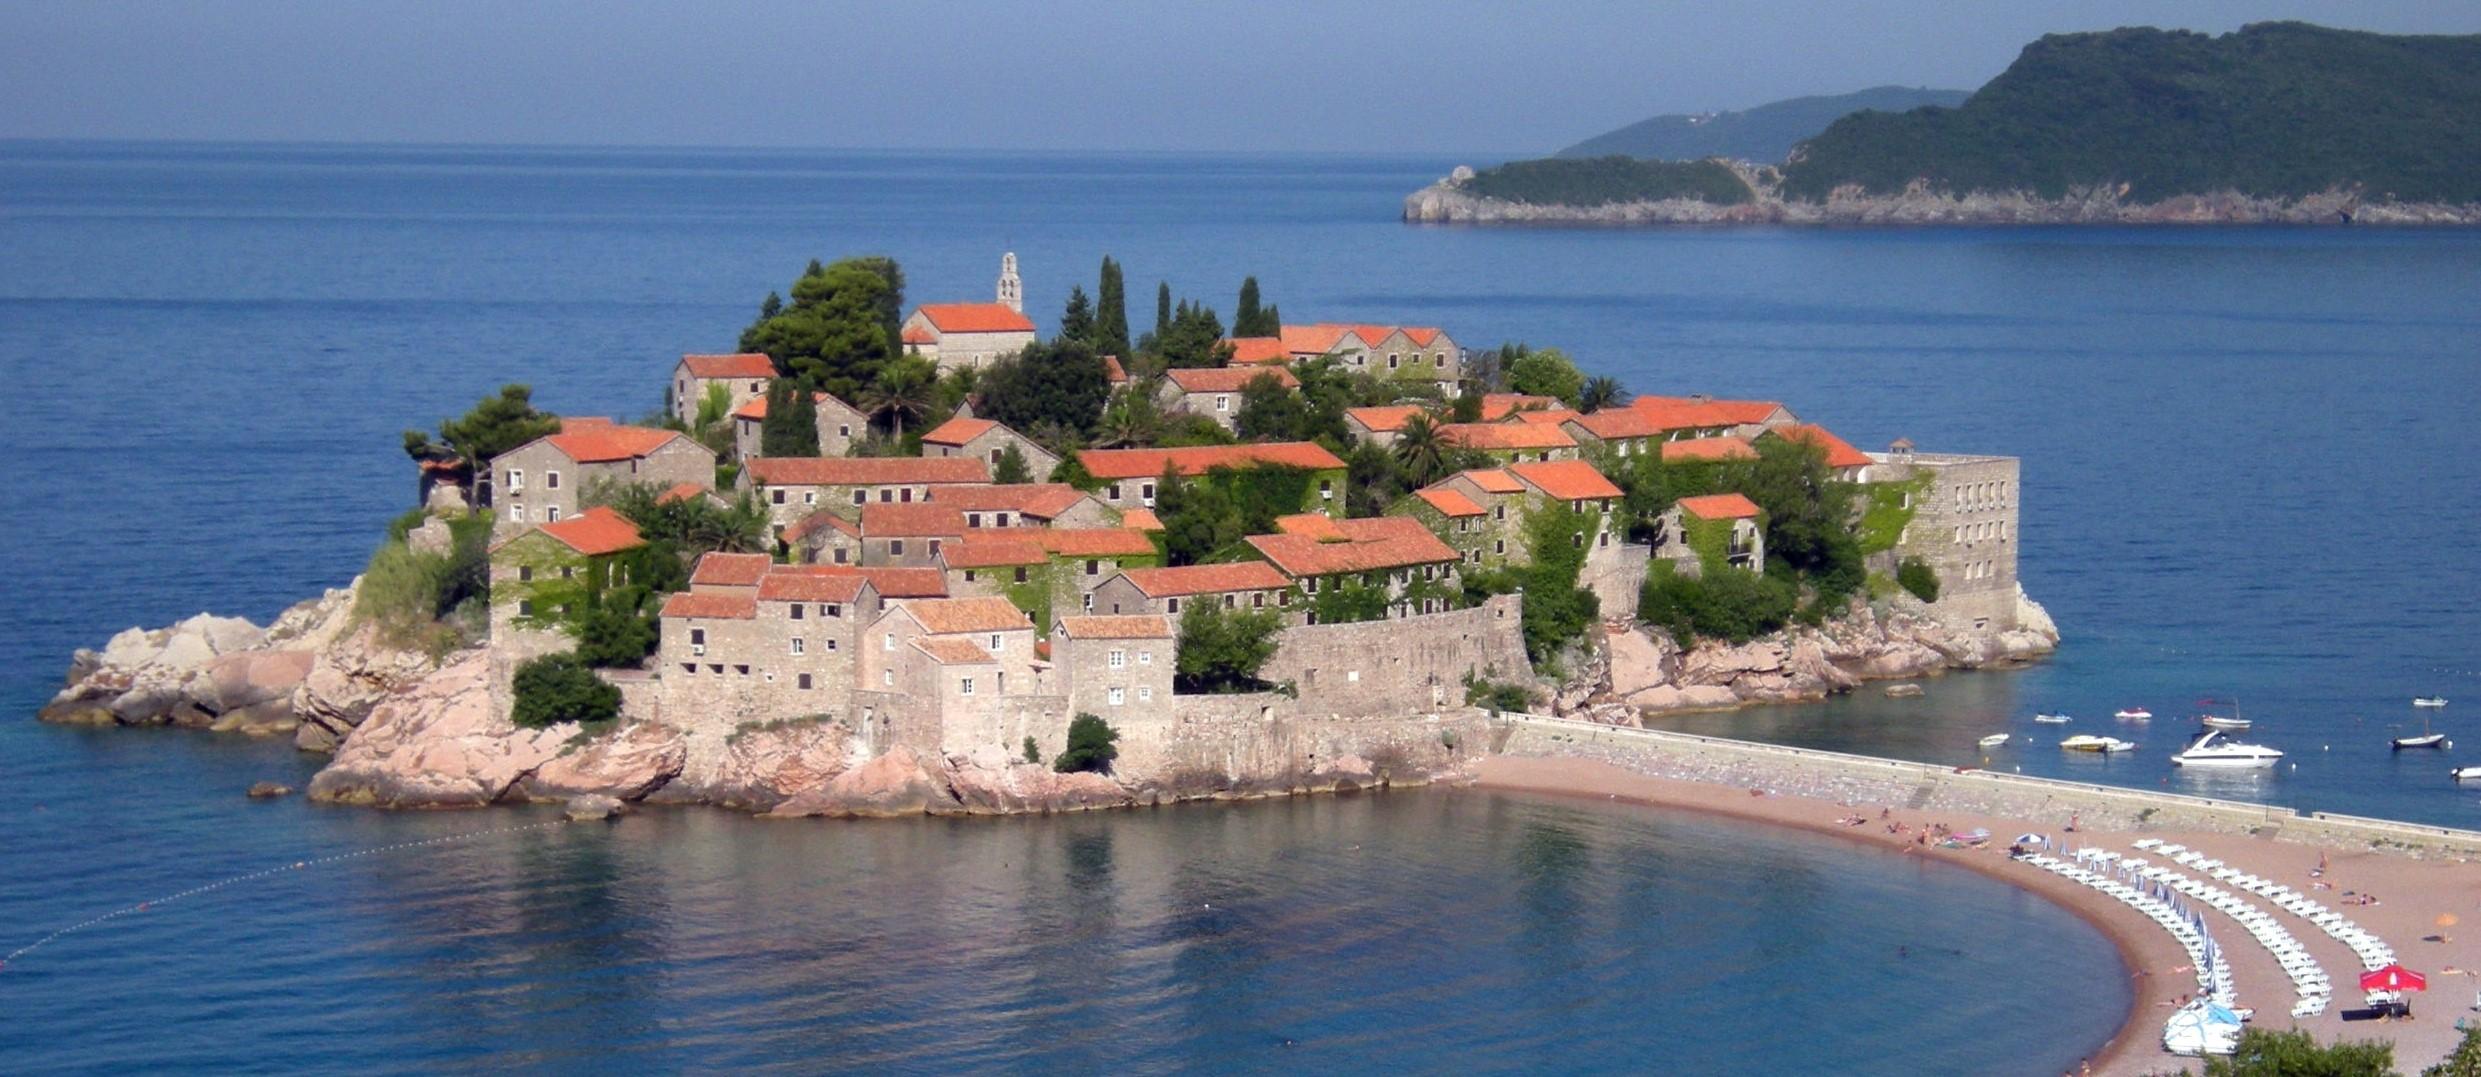 Online Hafenhandbuch Kroatien Yachthäfen In Montenegro